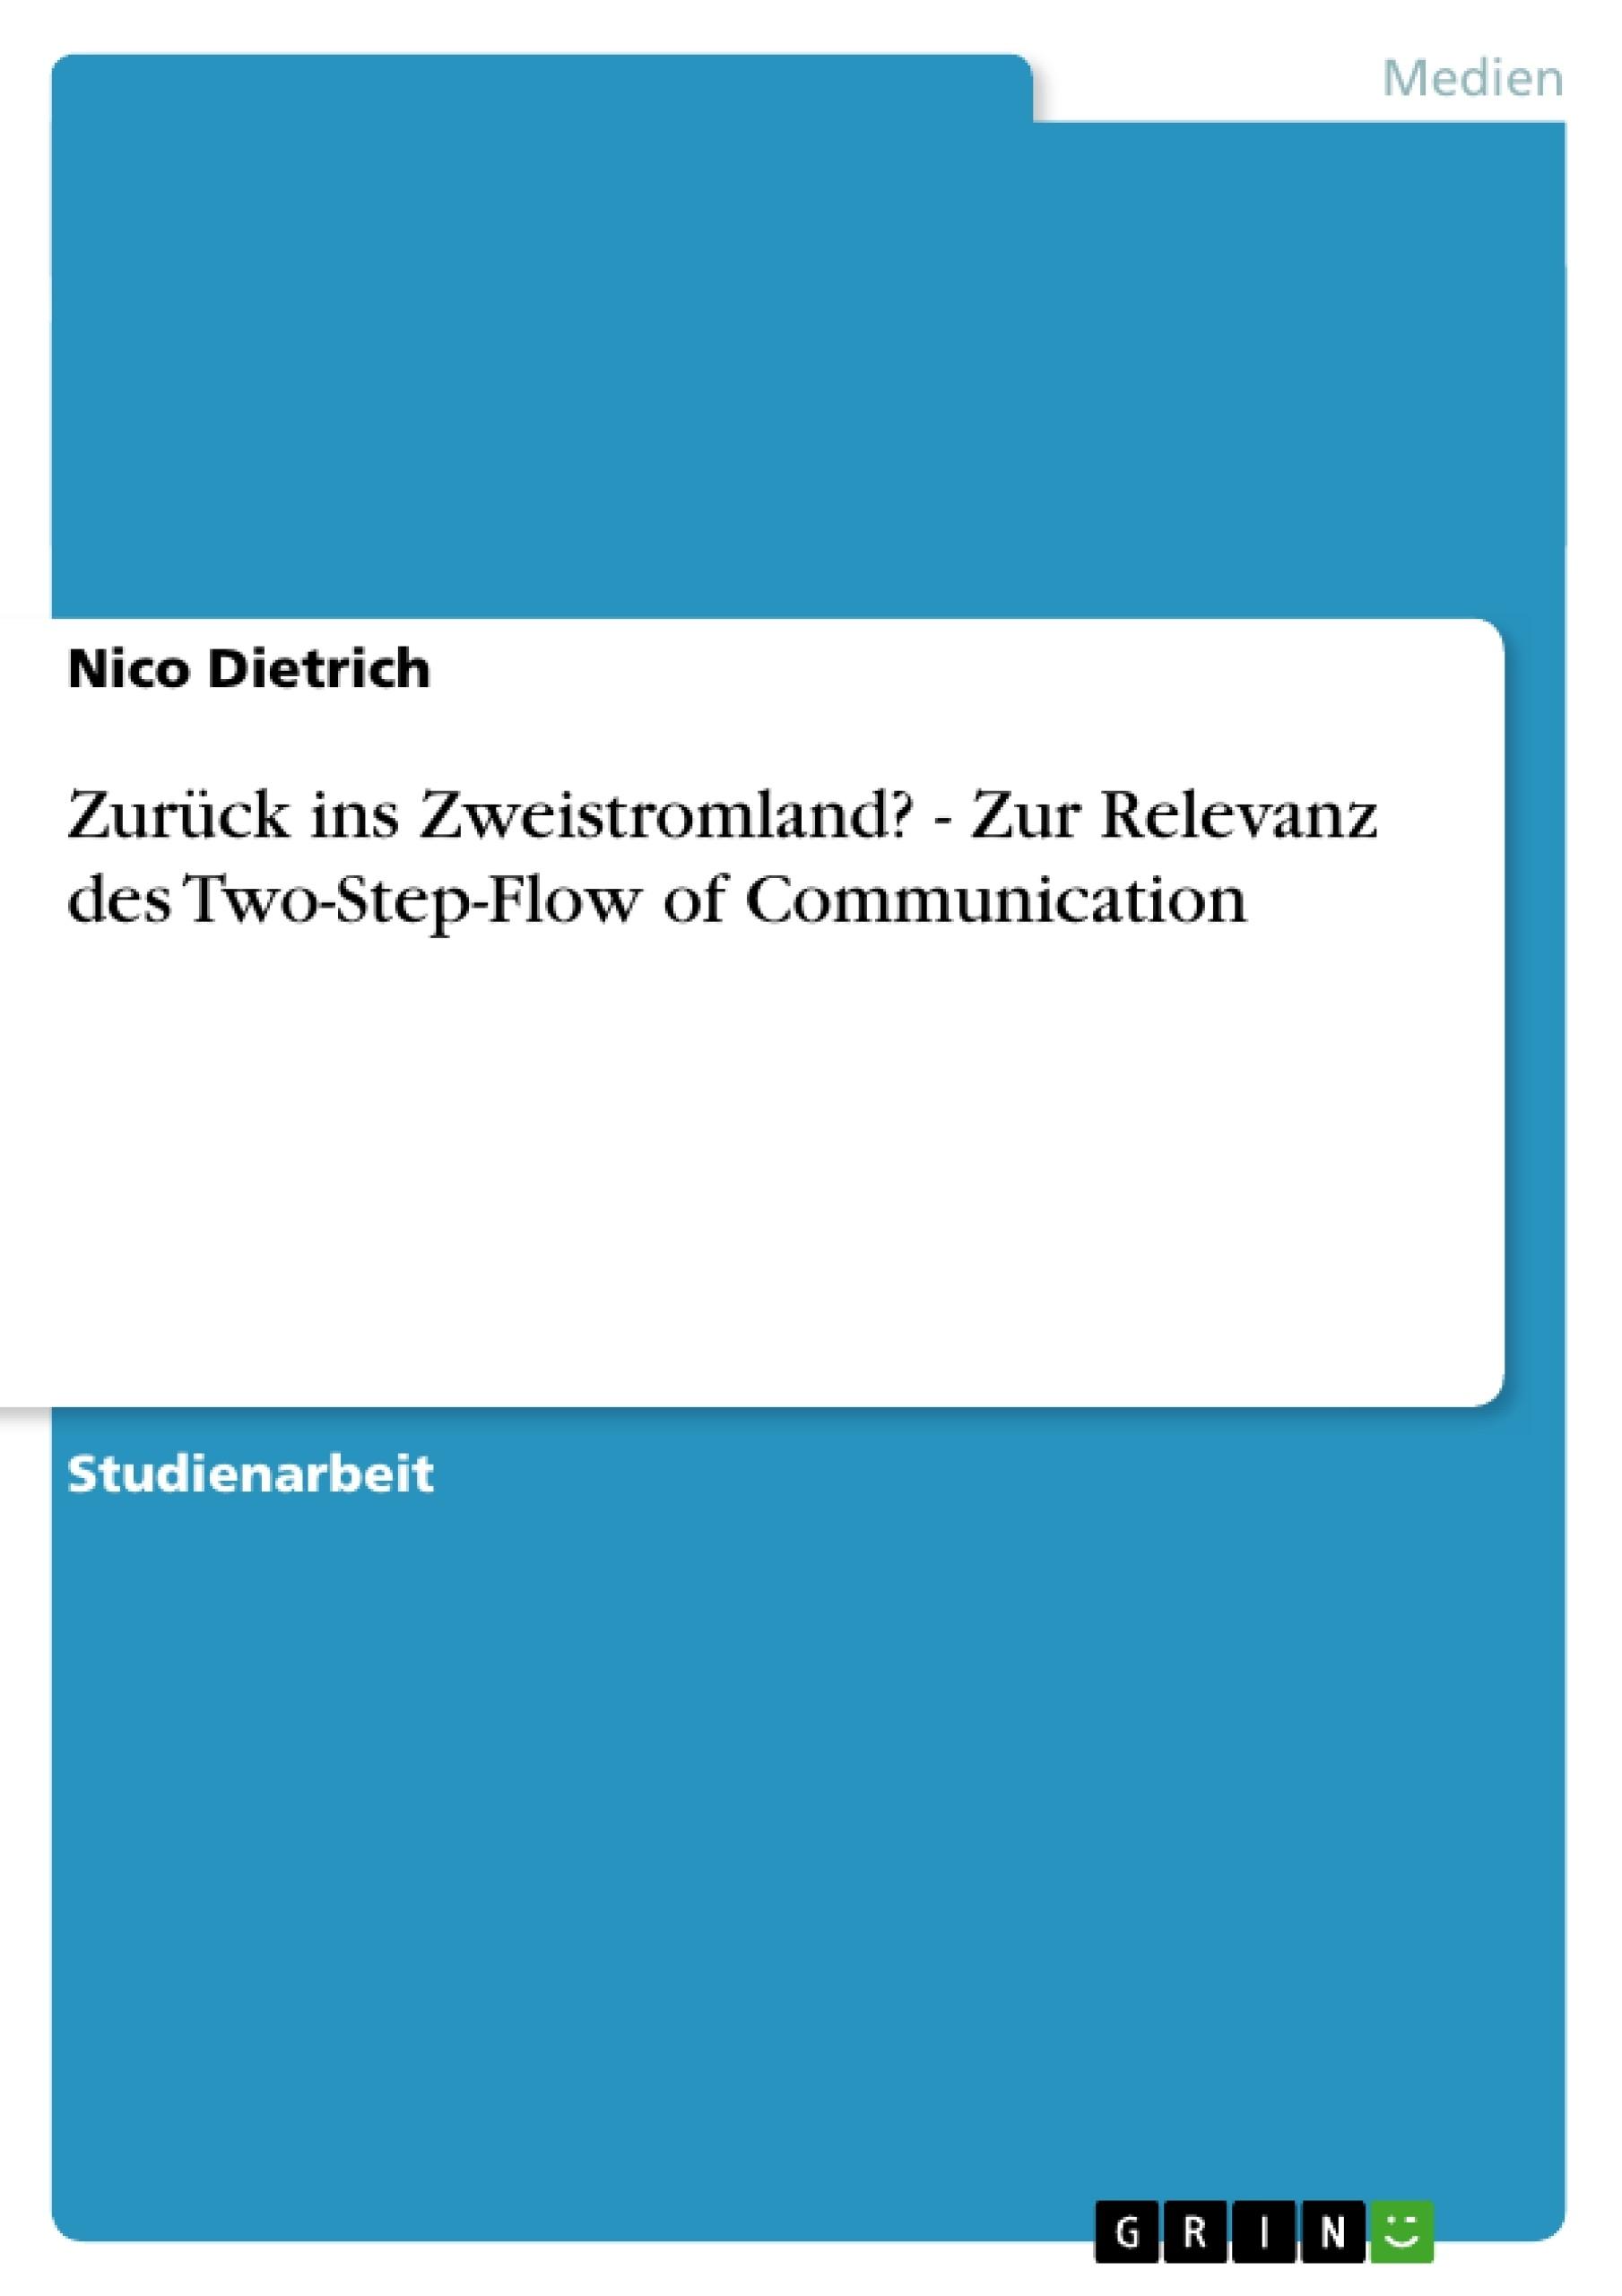 Titel: Zurück ins Zweistromland? - Zur Relevanz des Two-Step-Flow of Communication